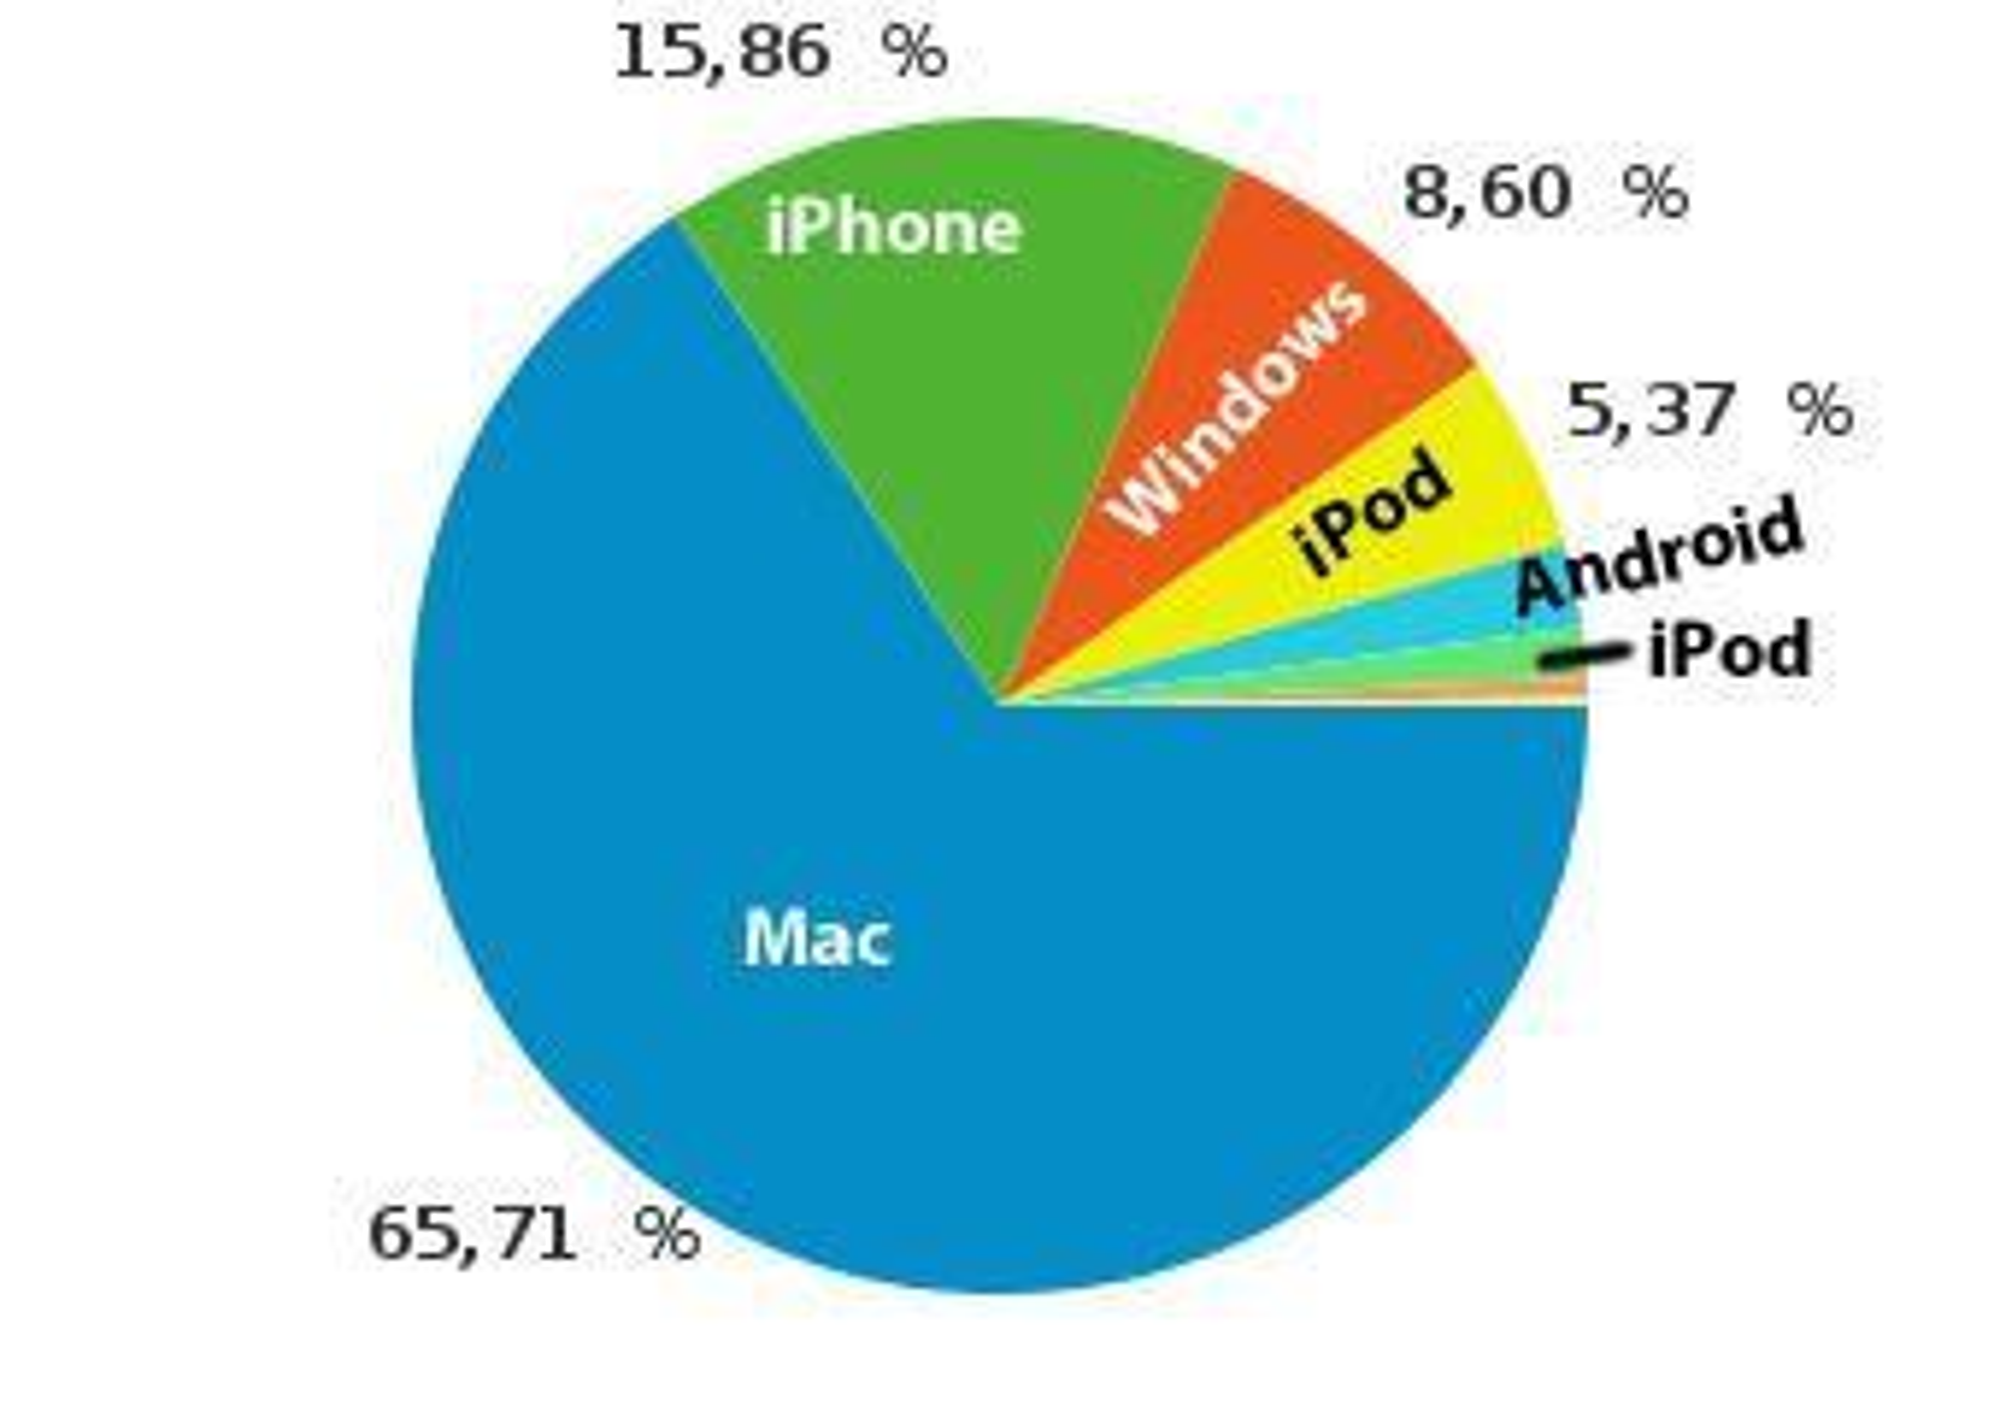 Fordelingen av Safari fordelt på ulike plattformer i mai 2010 på digi.no ifølge Google Analytics. Andelene til Android og iPod er henholdsvis 2,32 og 1,38 prosent.